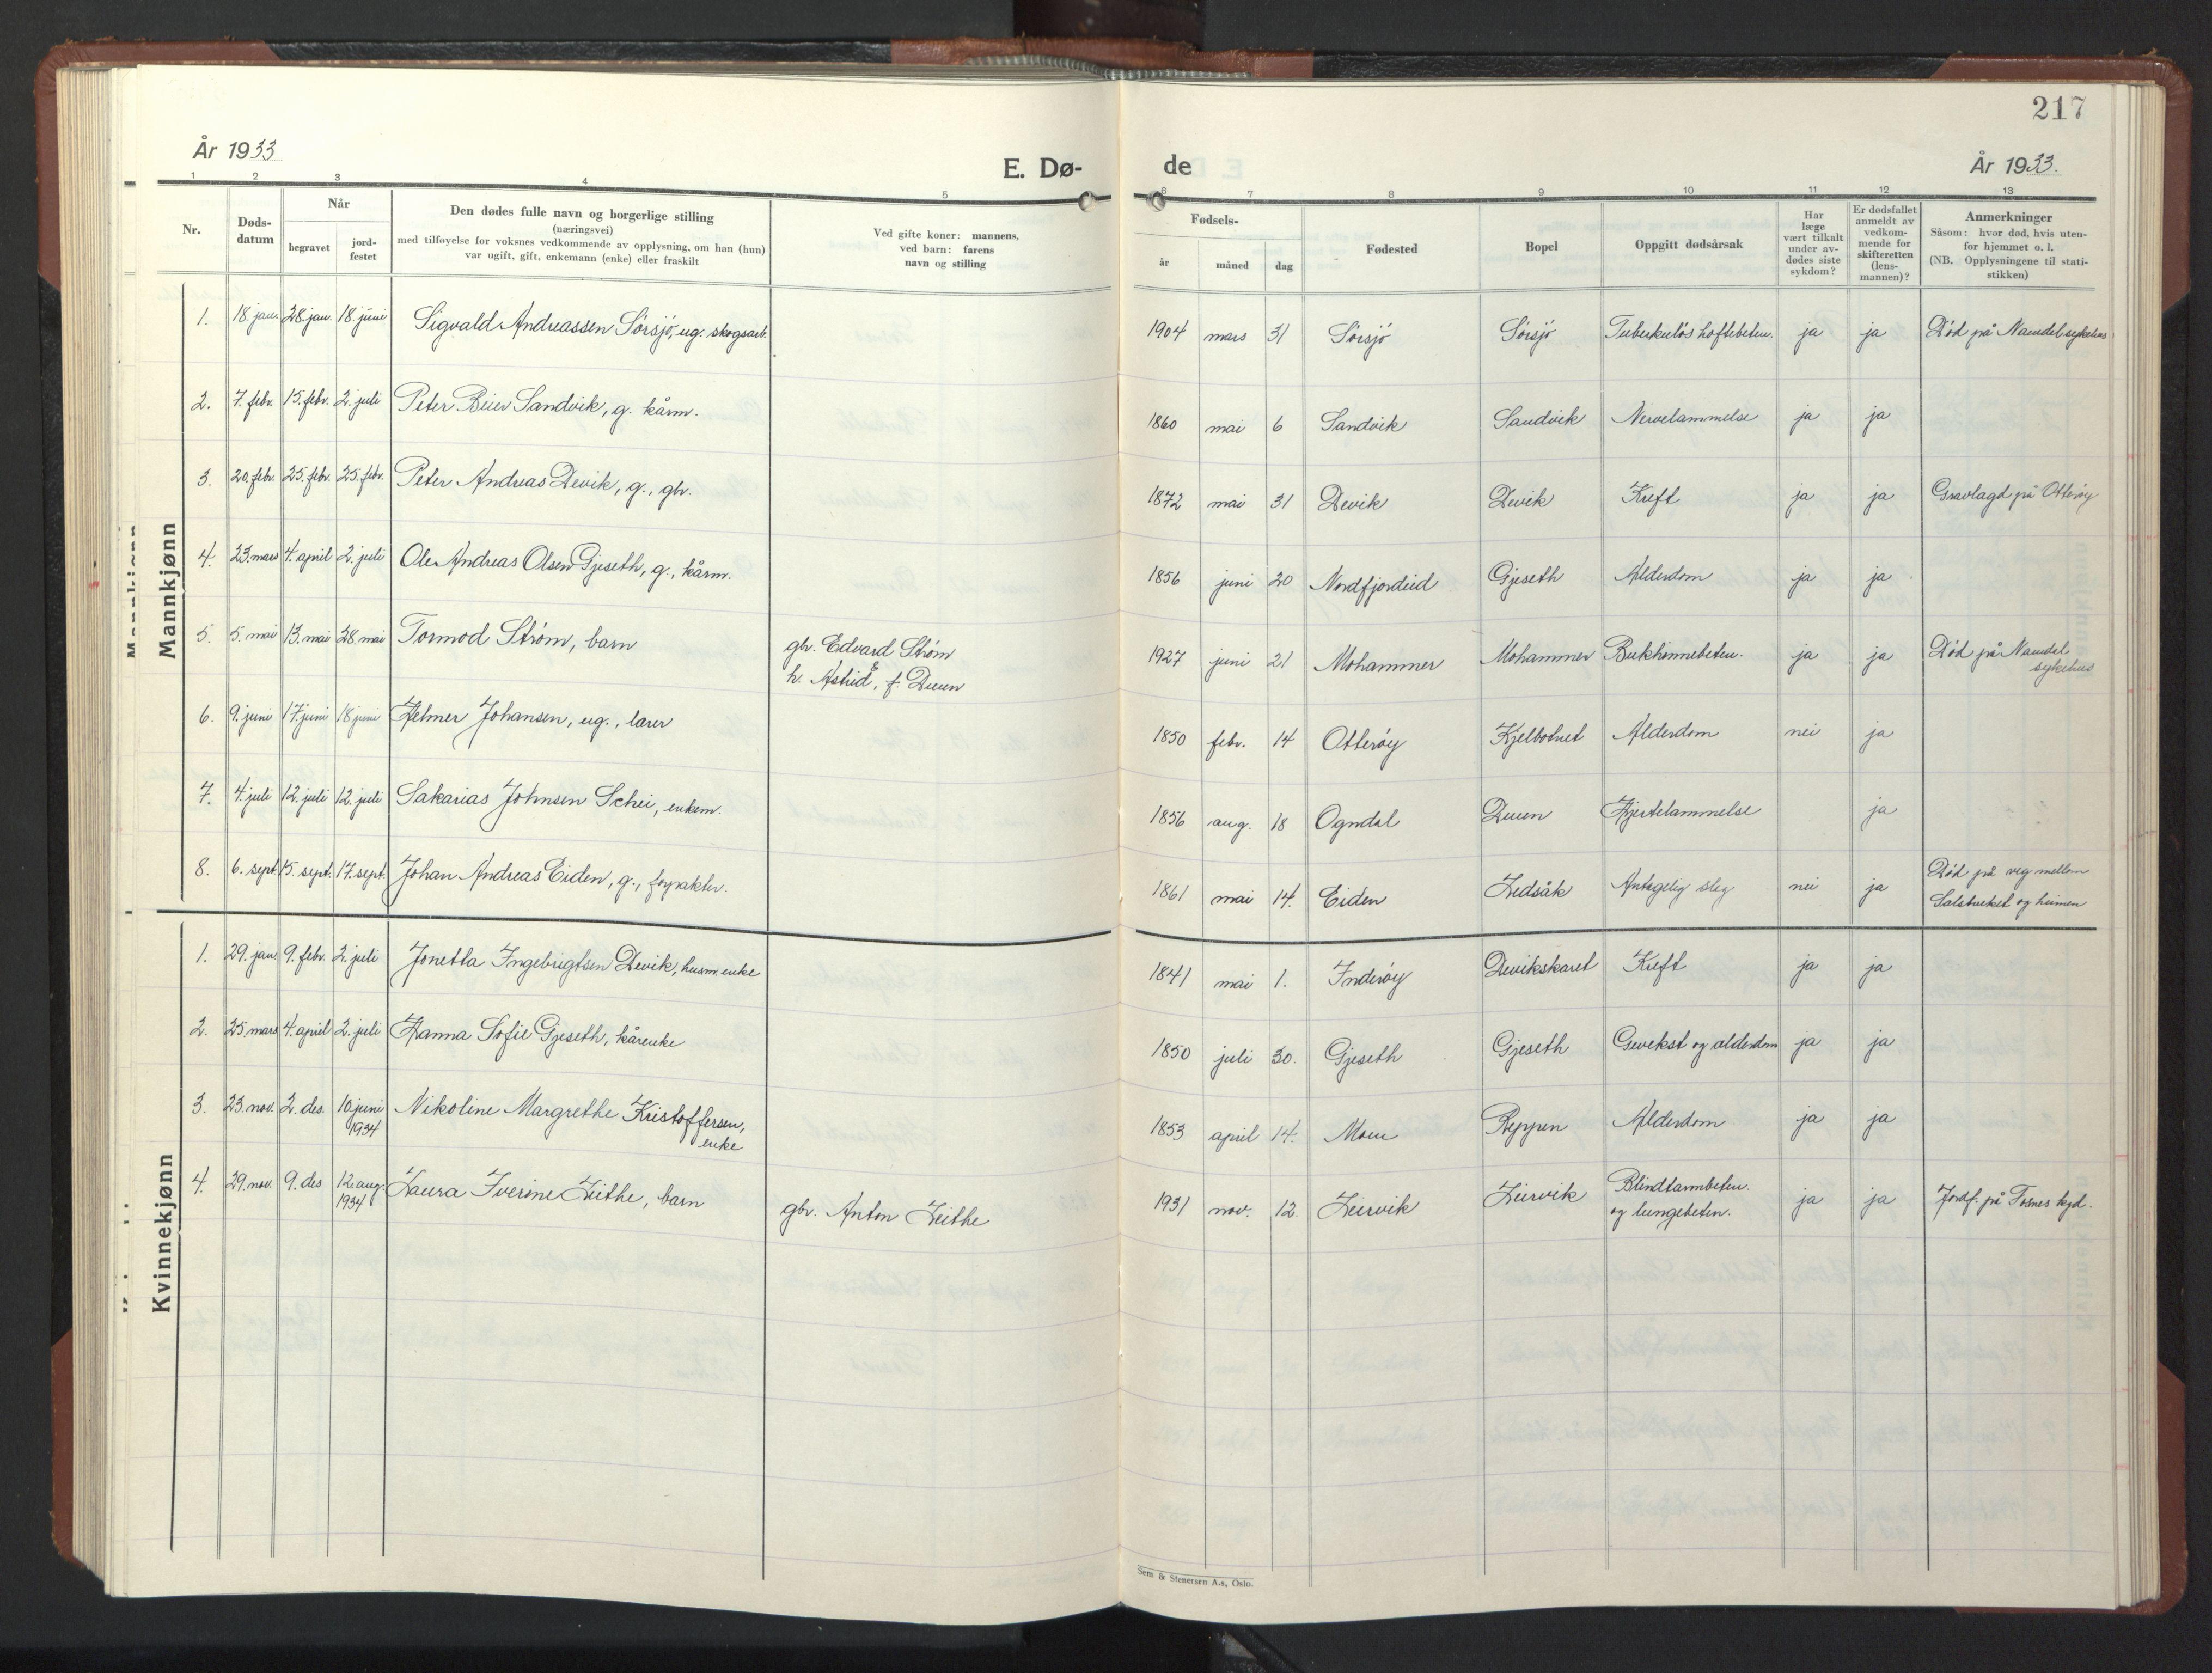 SAT, Ministerialprotokoller, klokkerbøker og fødselsregistre - Nord-Trøndelag, 773/L0625: Klokkerbok nr. 773C01, 1910-1952, s. 217